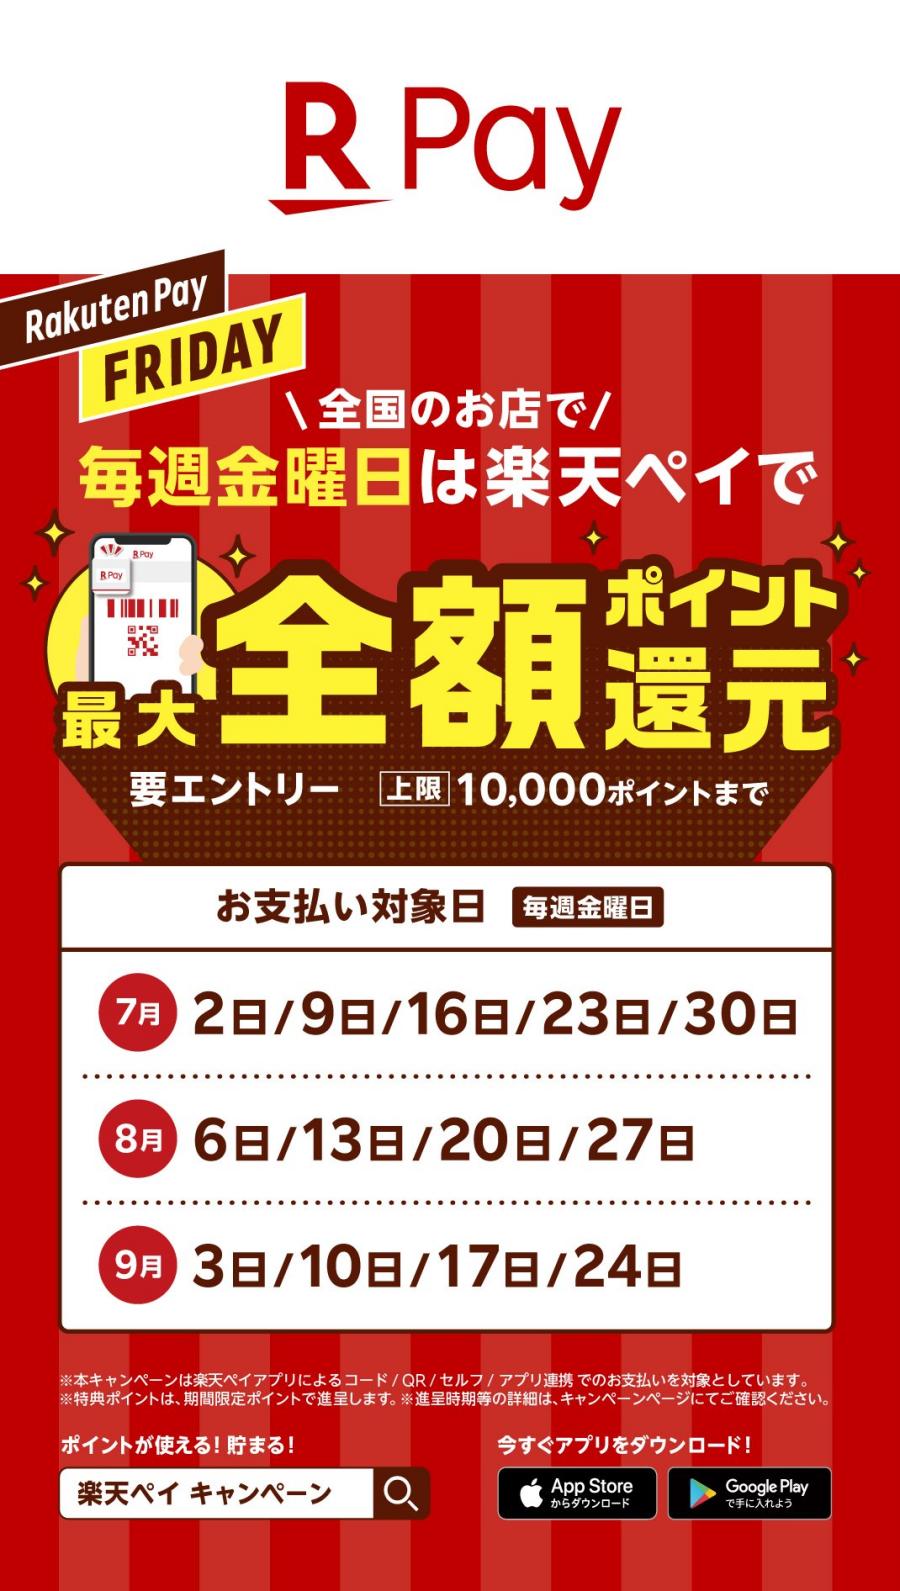 【楽天ペイ】7・8・9月実施キャンペーン